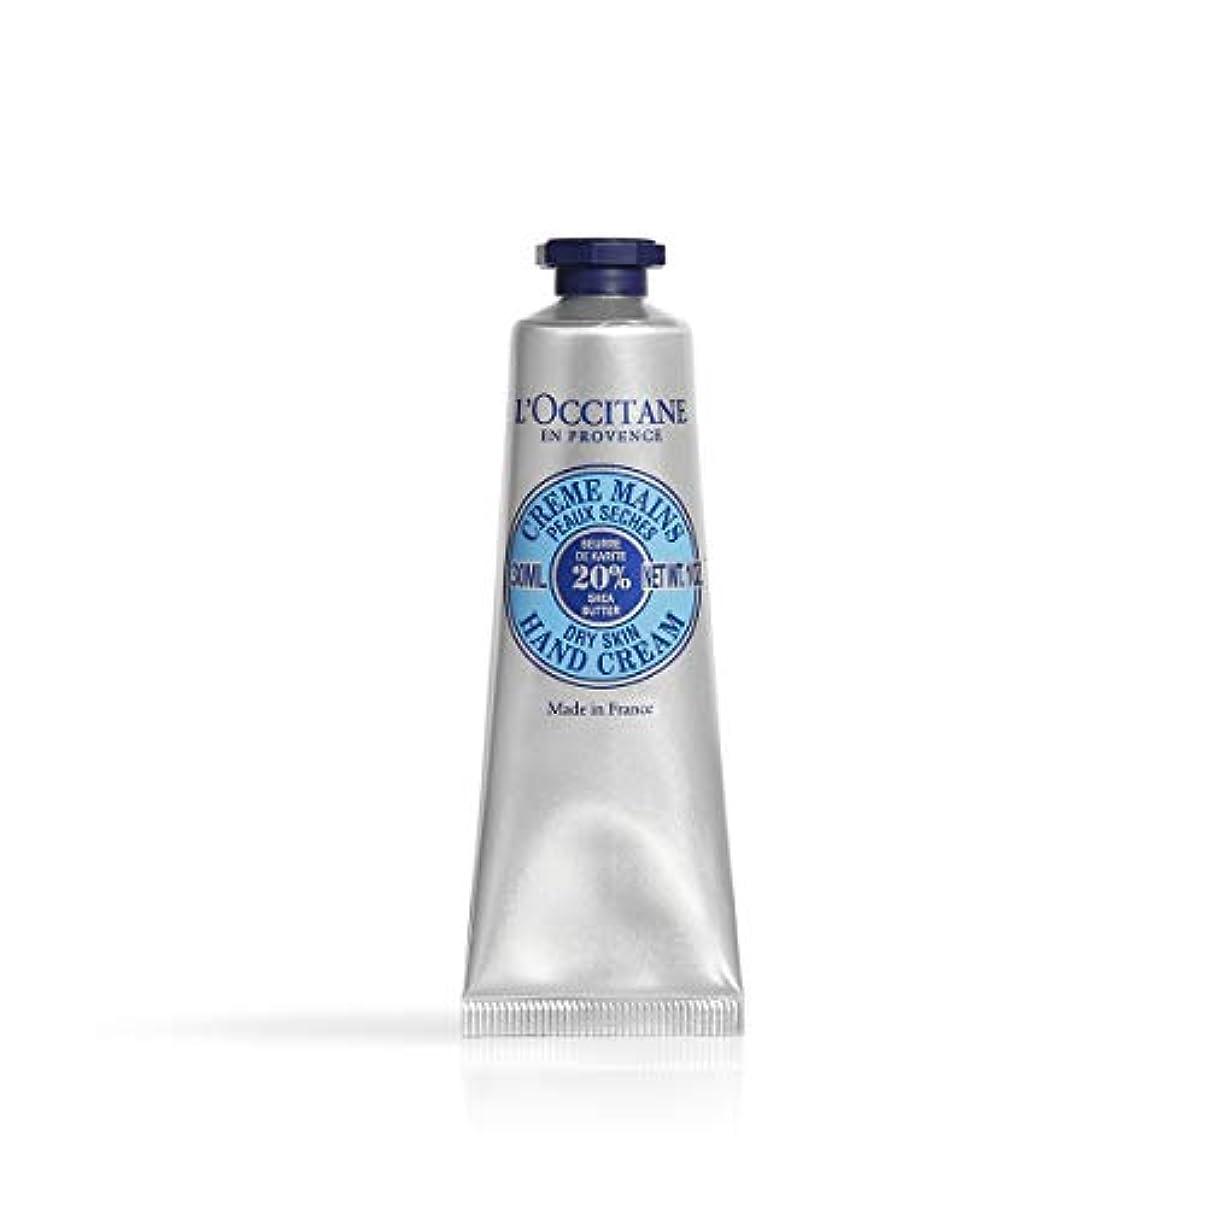 気配りのある突っ込む大気ロクシタン(L'OCCITANE) シア ハンドクリーム 30ml